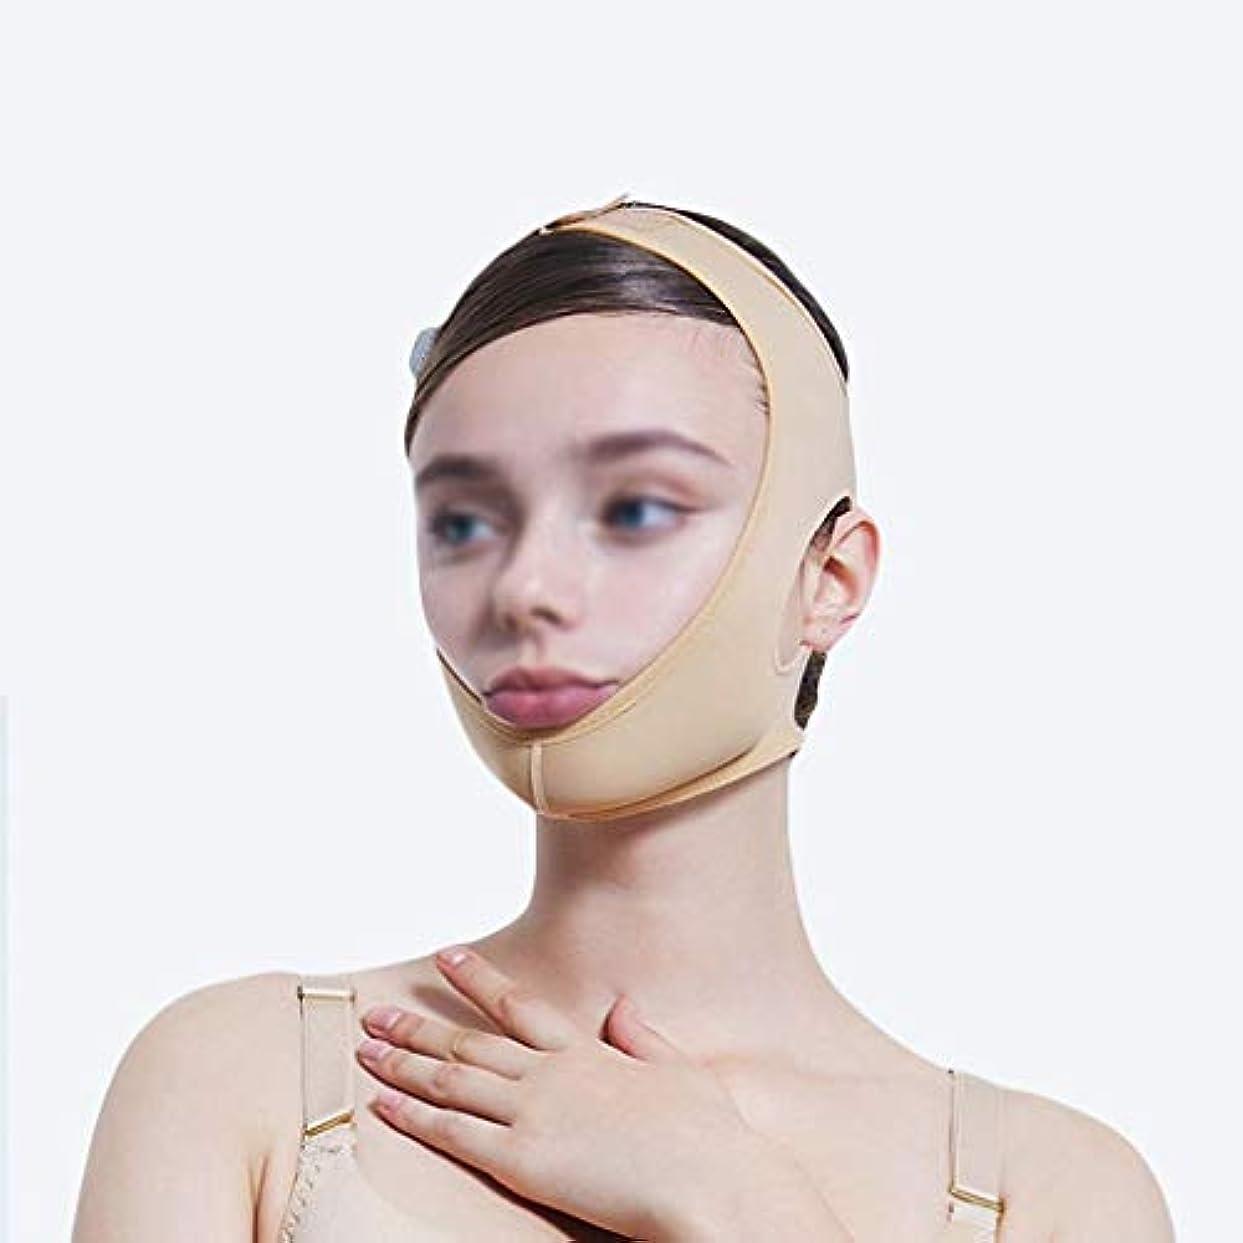 イディオムベッツィトロットウッド財団フェイシャルライン、頬、しわ防止フェイシャル減量、フェイスバンド、フェイスマスク、フェイスリフティング、通気性、ダブルチンストラップ(サイズ:XXL),M